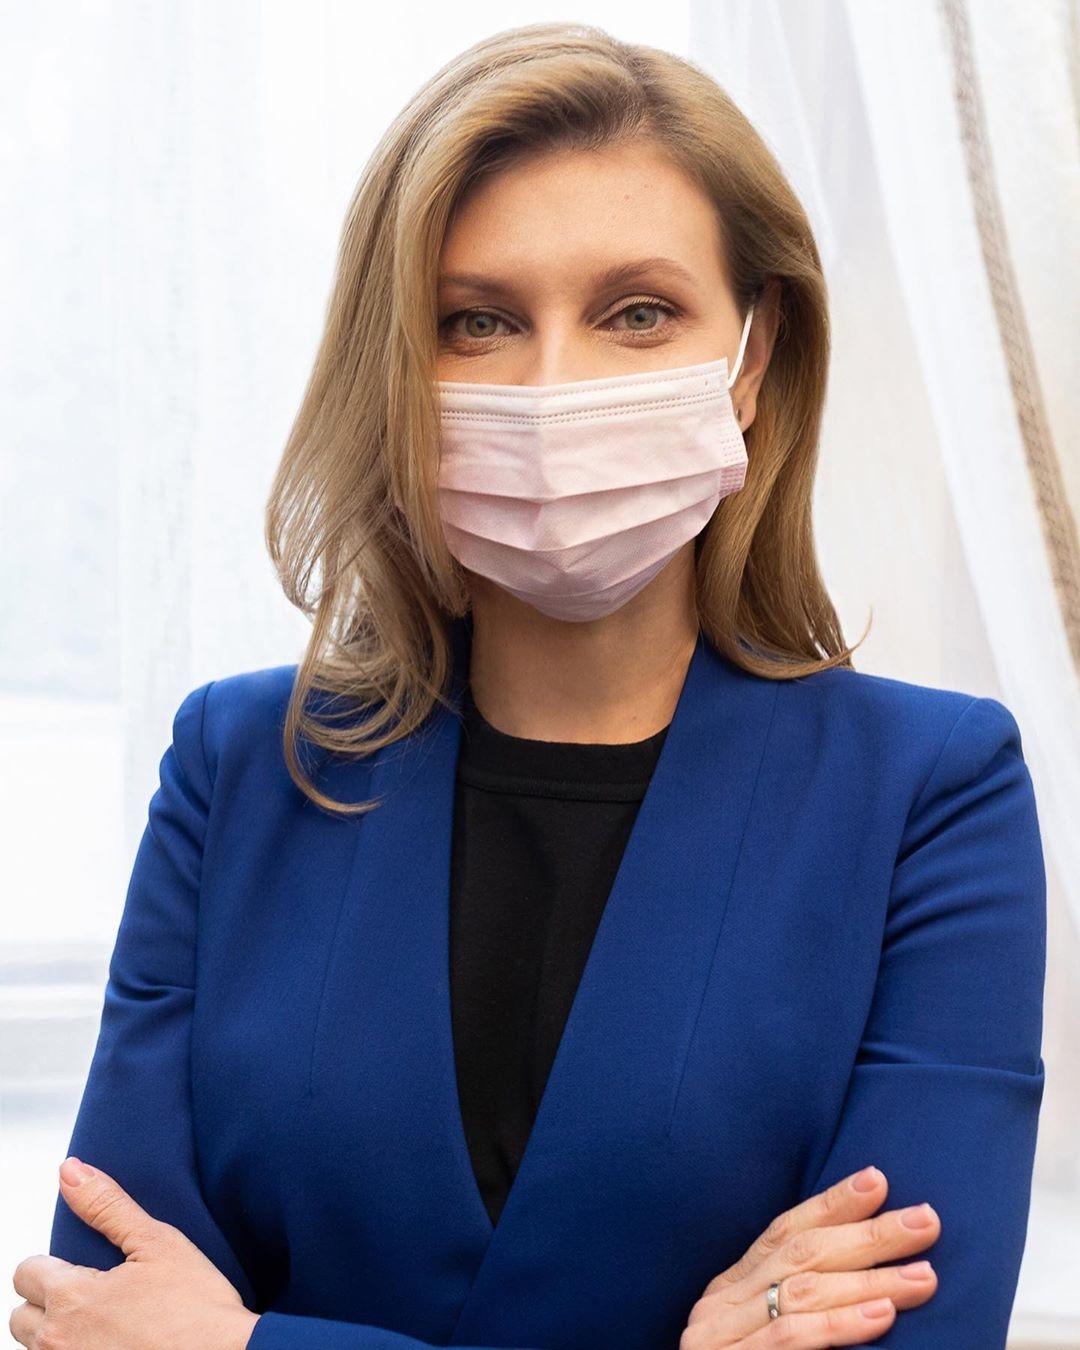 Елена Зеленская в маске фото 2020